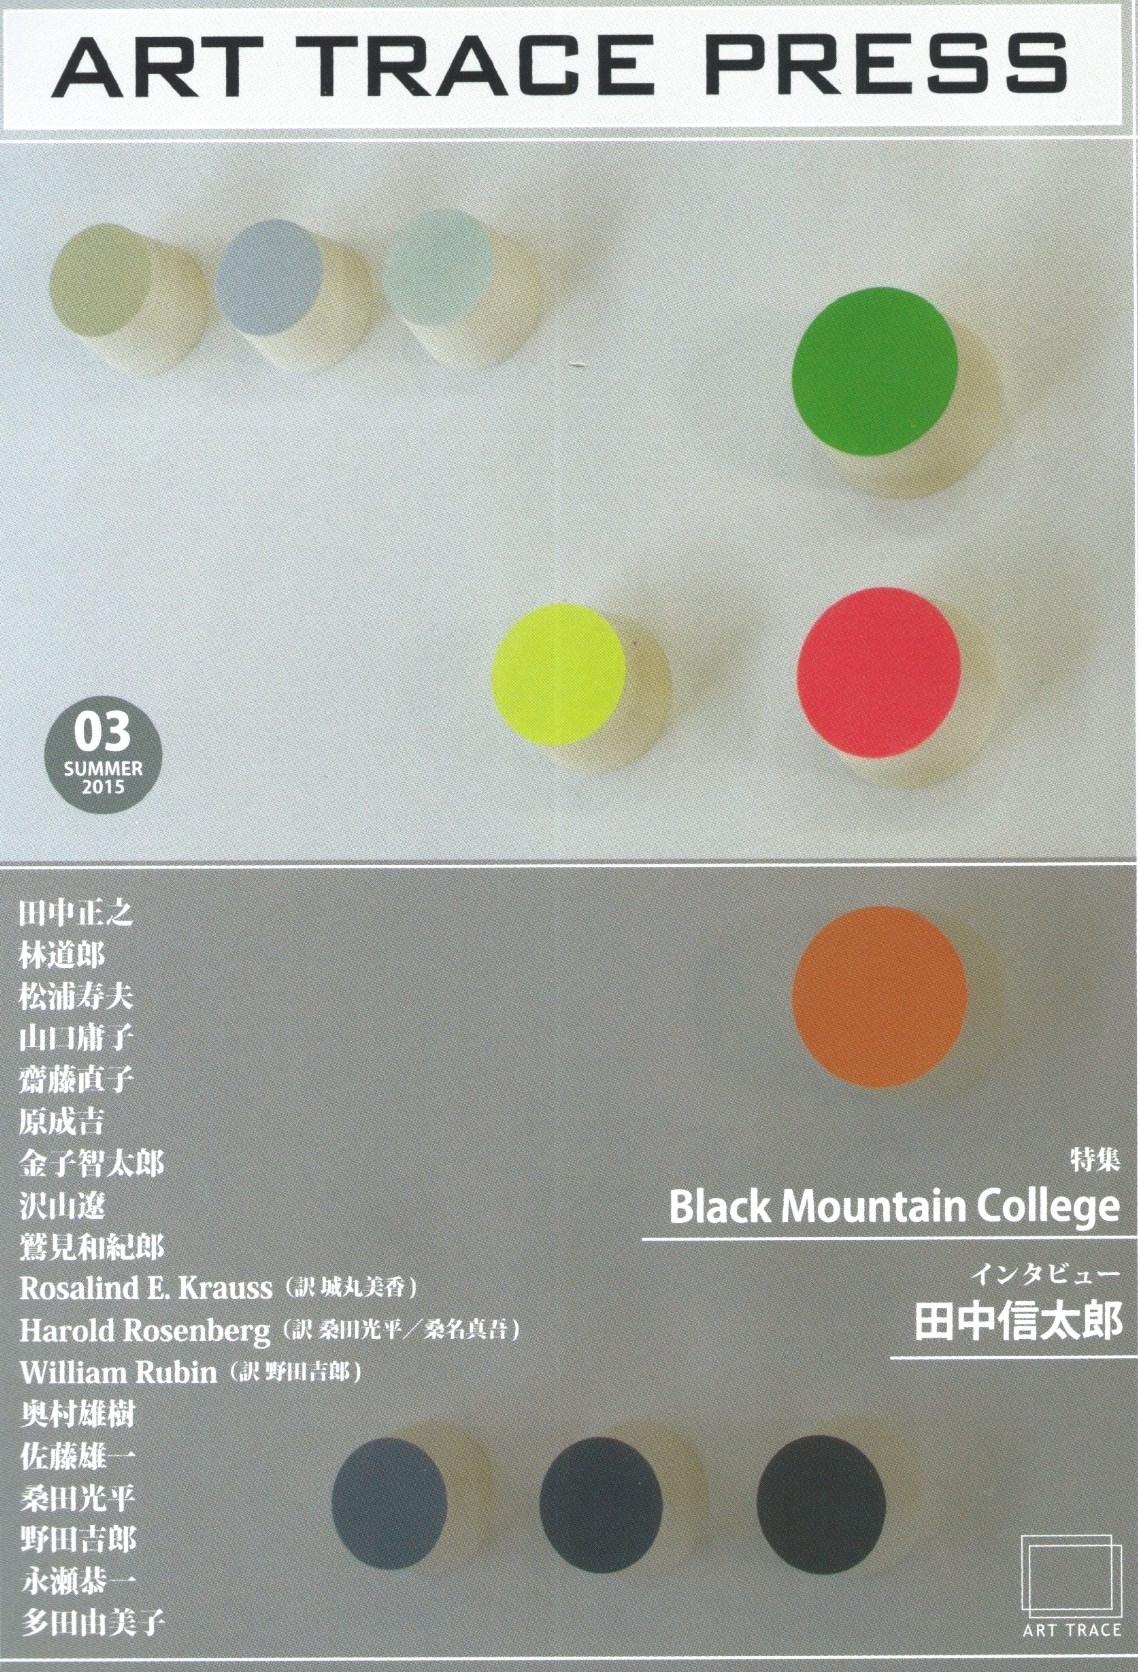 ART TRACE PRESS 03 ブラック・マウンテン・カレッジ